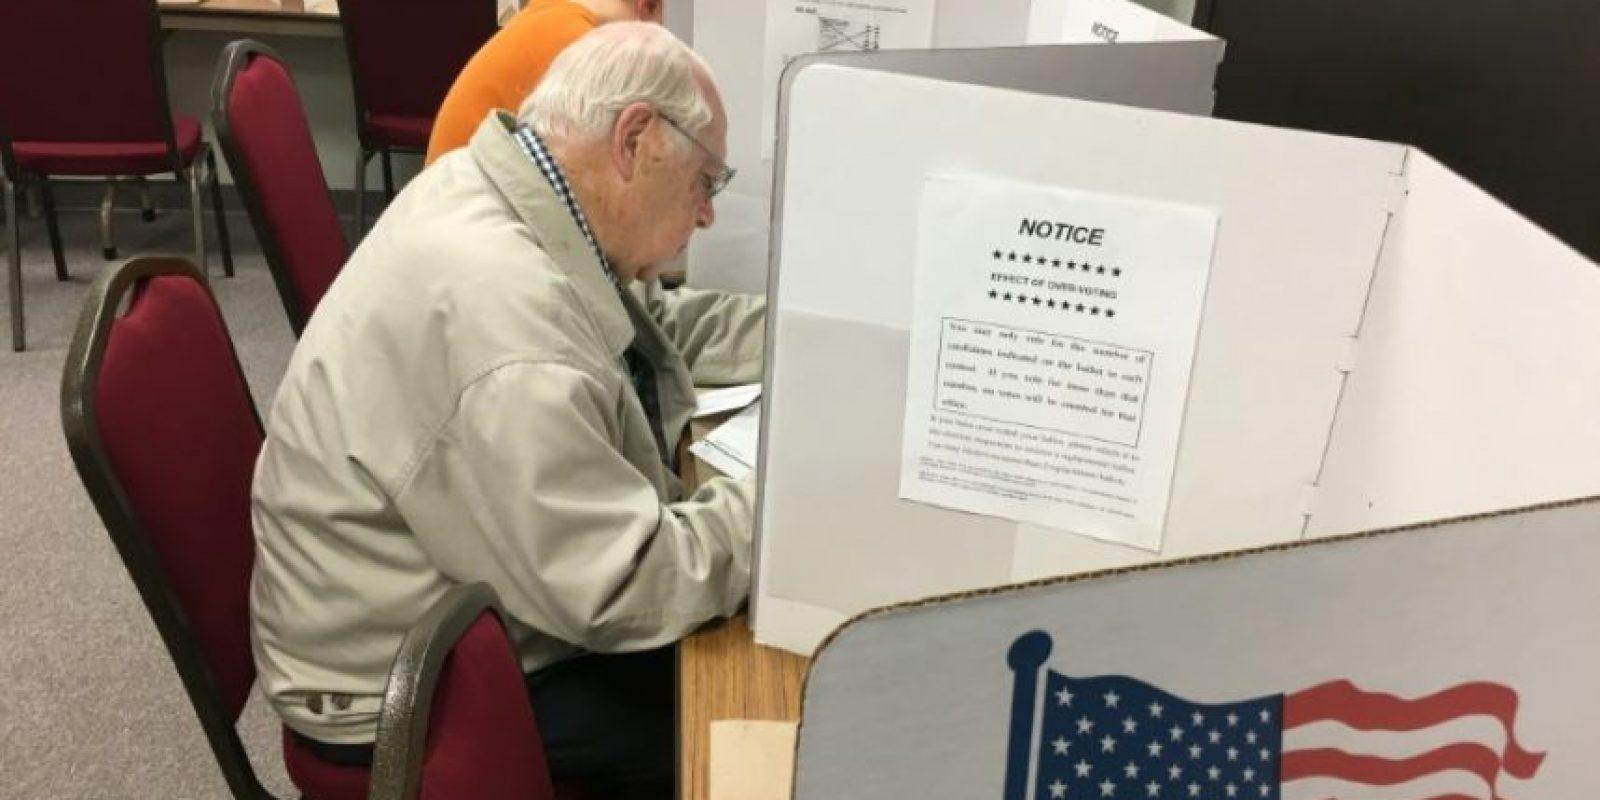 Keith Johnson, de 85 años, vota anticipadamente en las elecciones presidenciales en EEUU el 1 de noviembre de 2016 en Eau Claire, Wisconsin Foto:afp.com